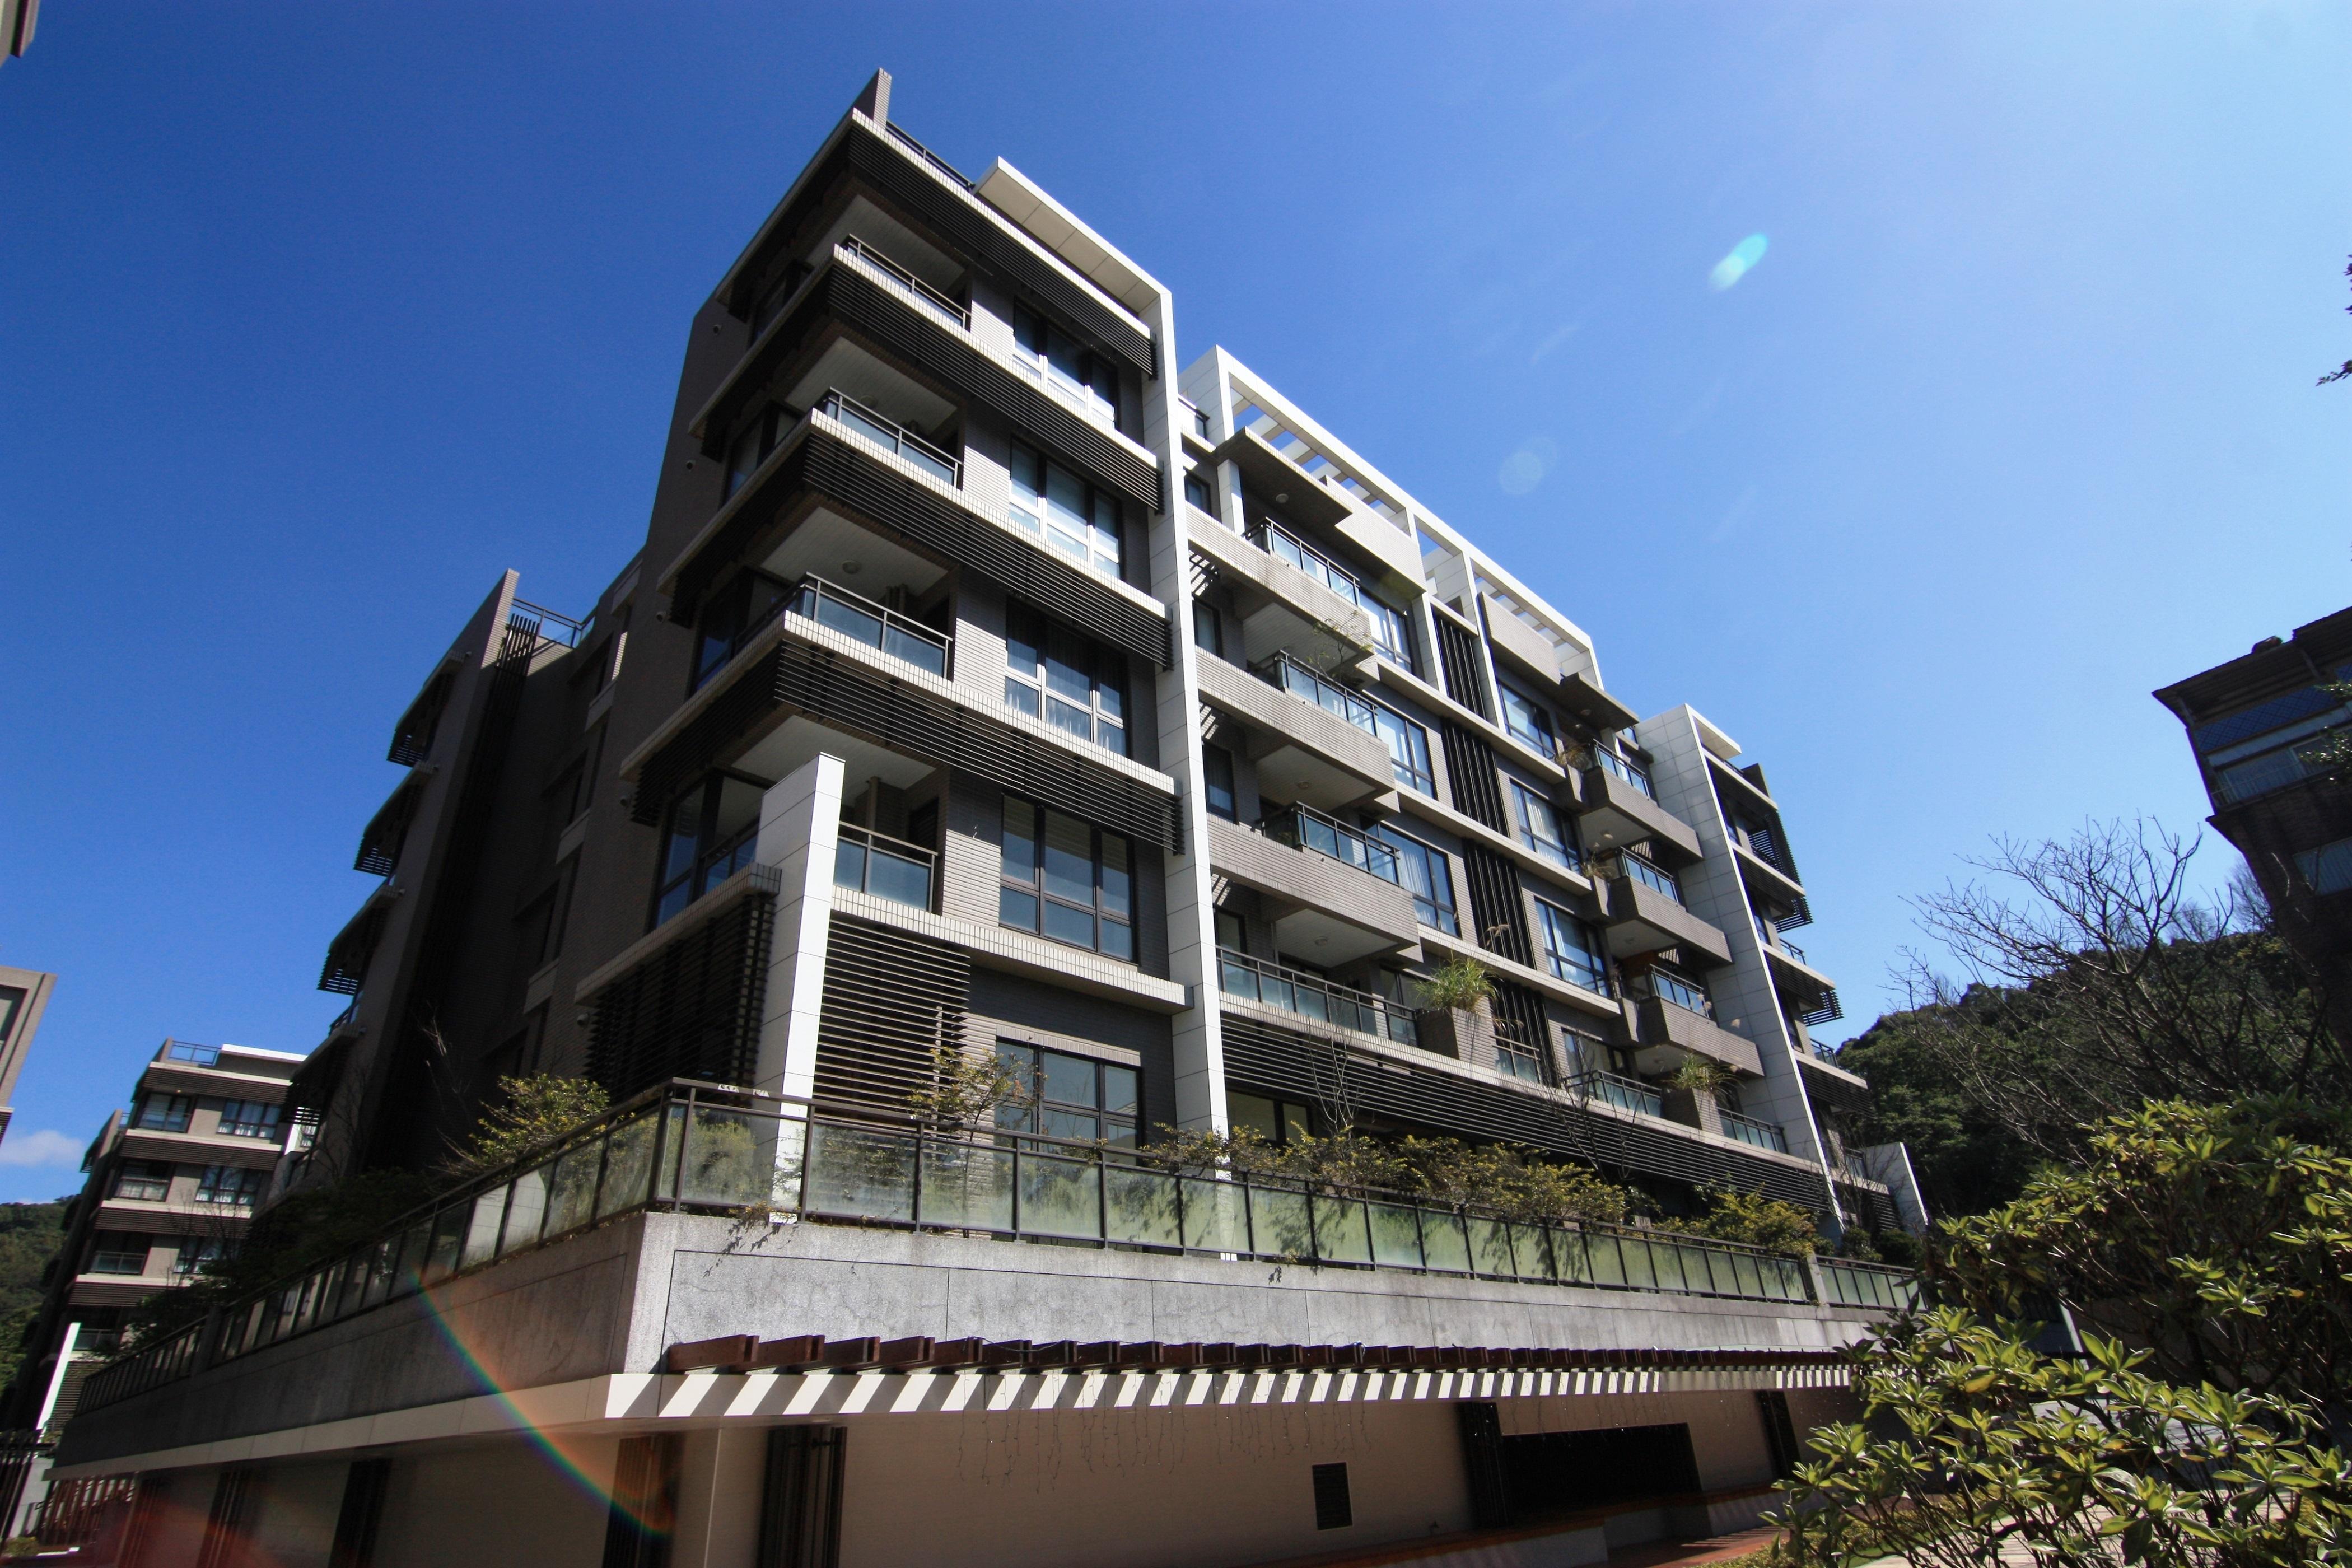 Apartamento para Venda às The Emperor-Park 1 Jingshan Rd., Shilin Dist. Taipei City, 111 Taiwan